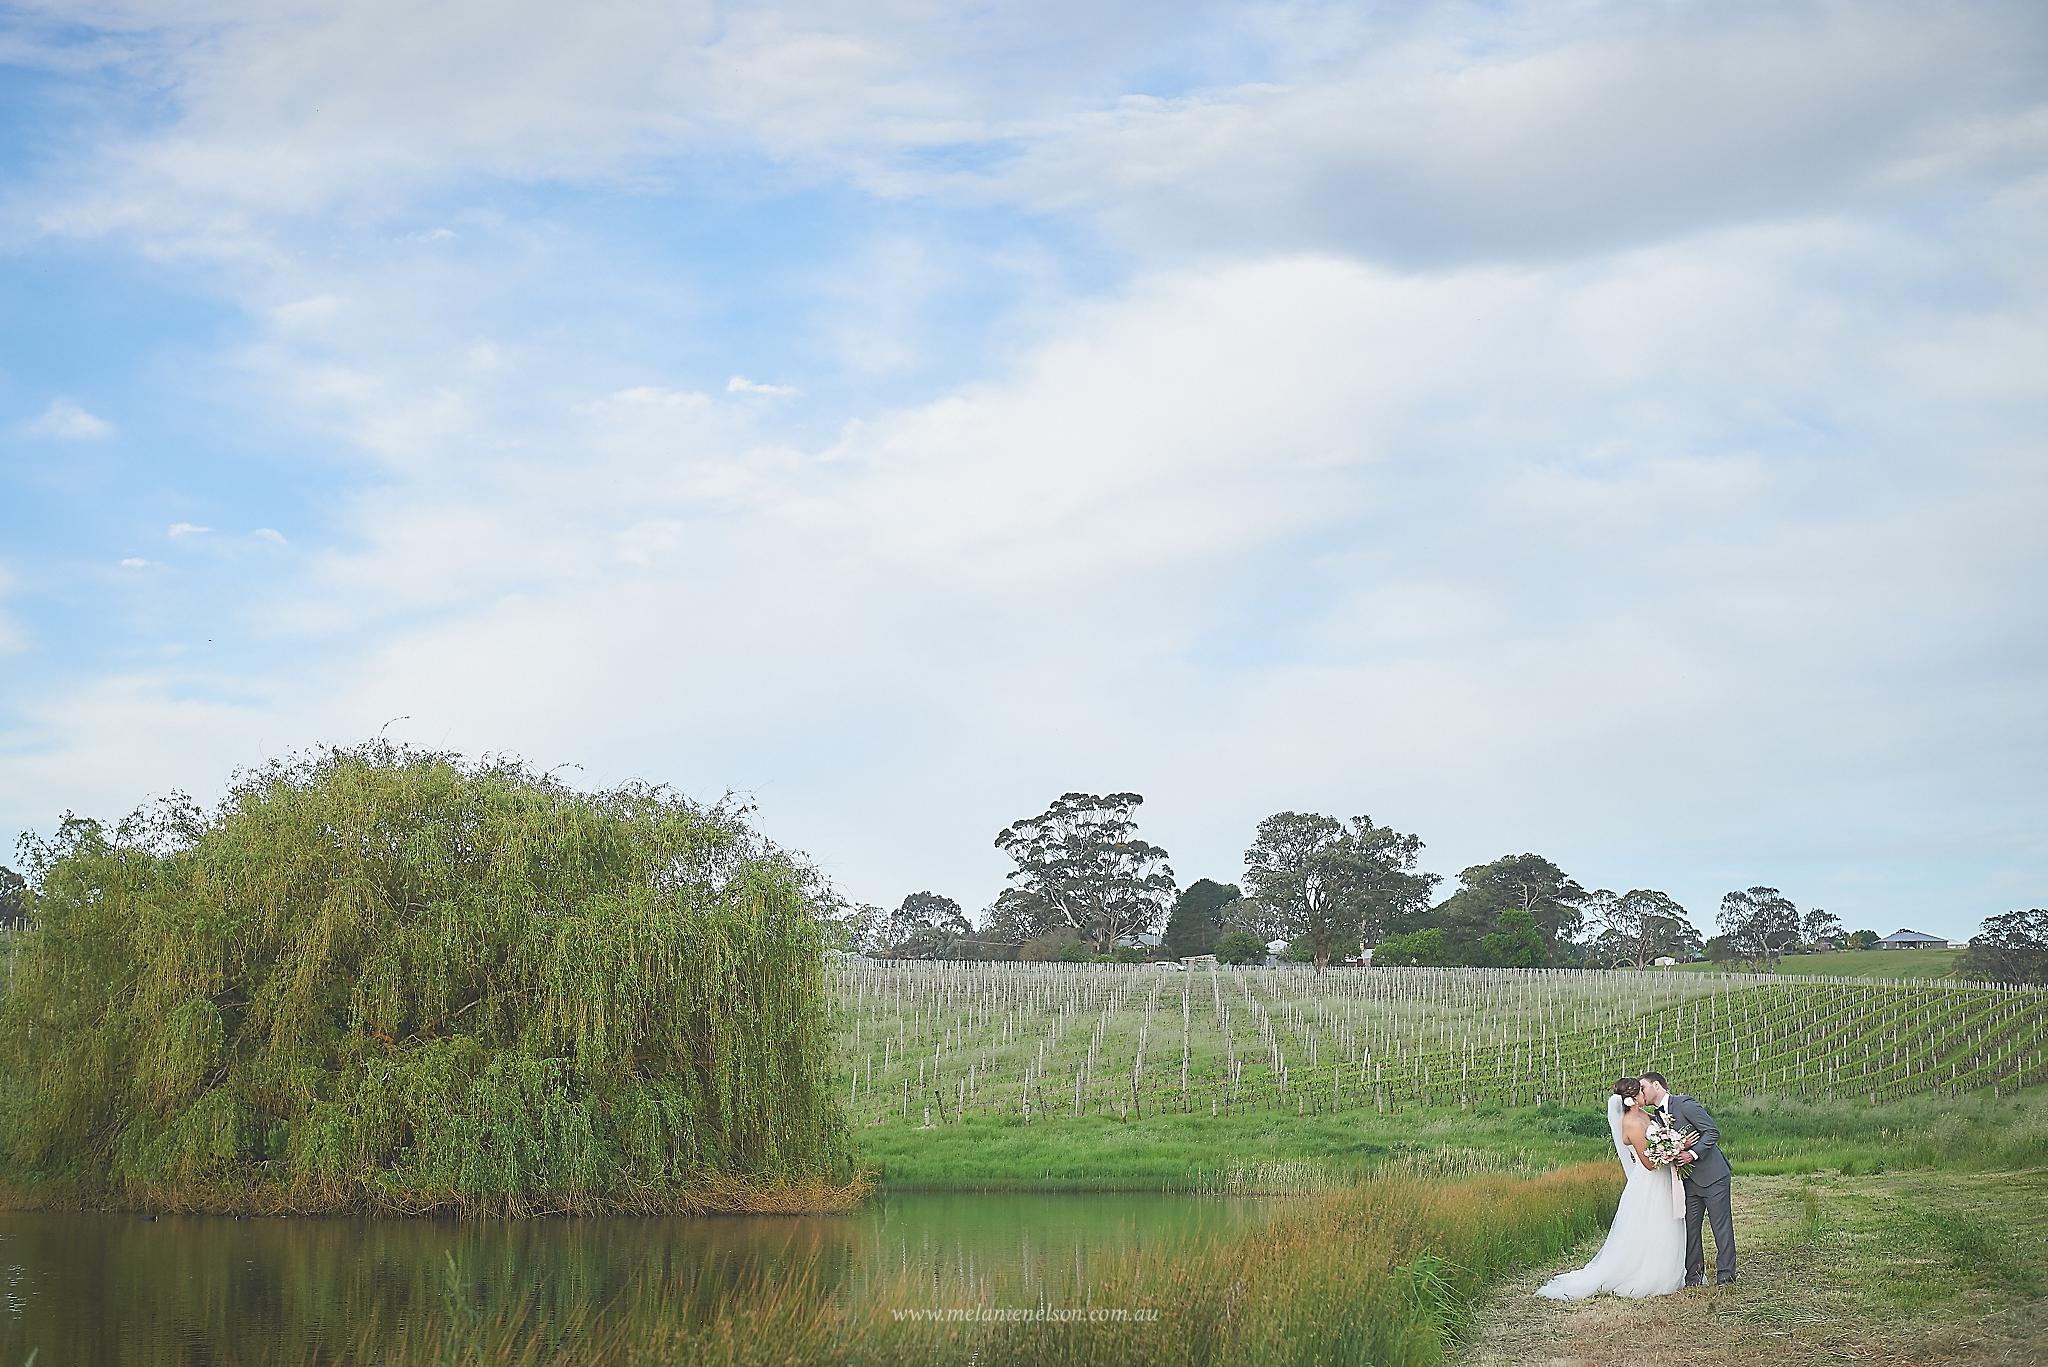 howards_vineyard_wedding_0021.jpg